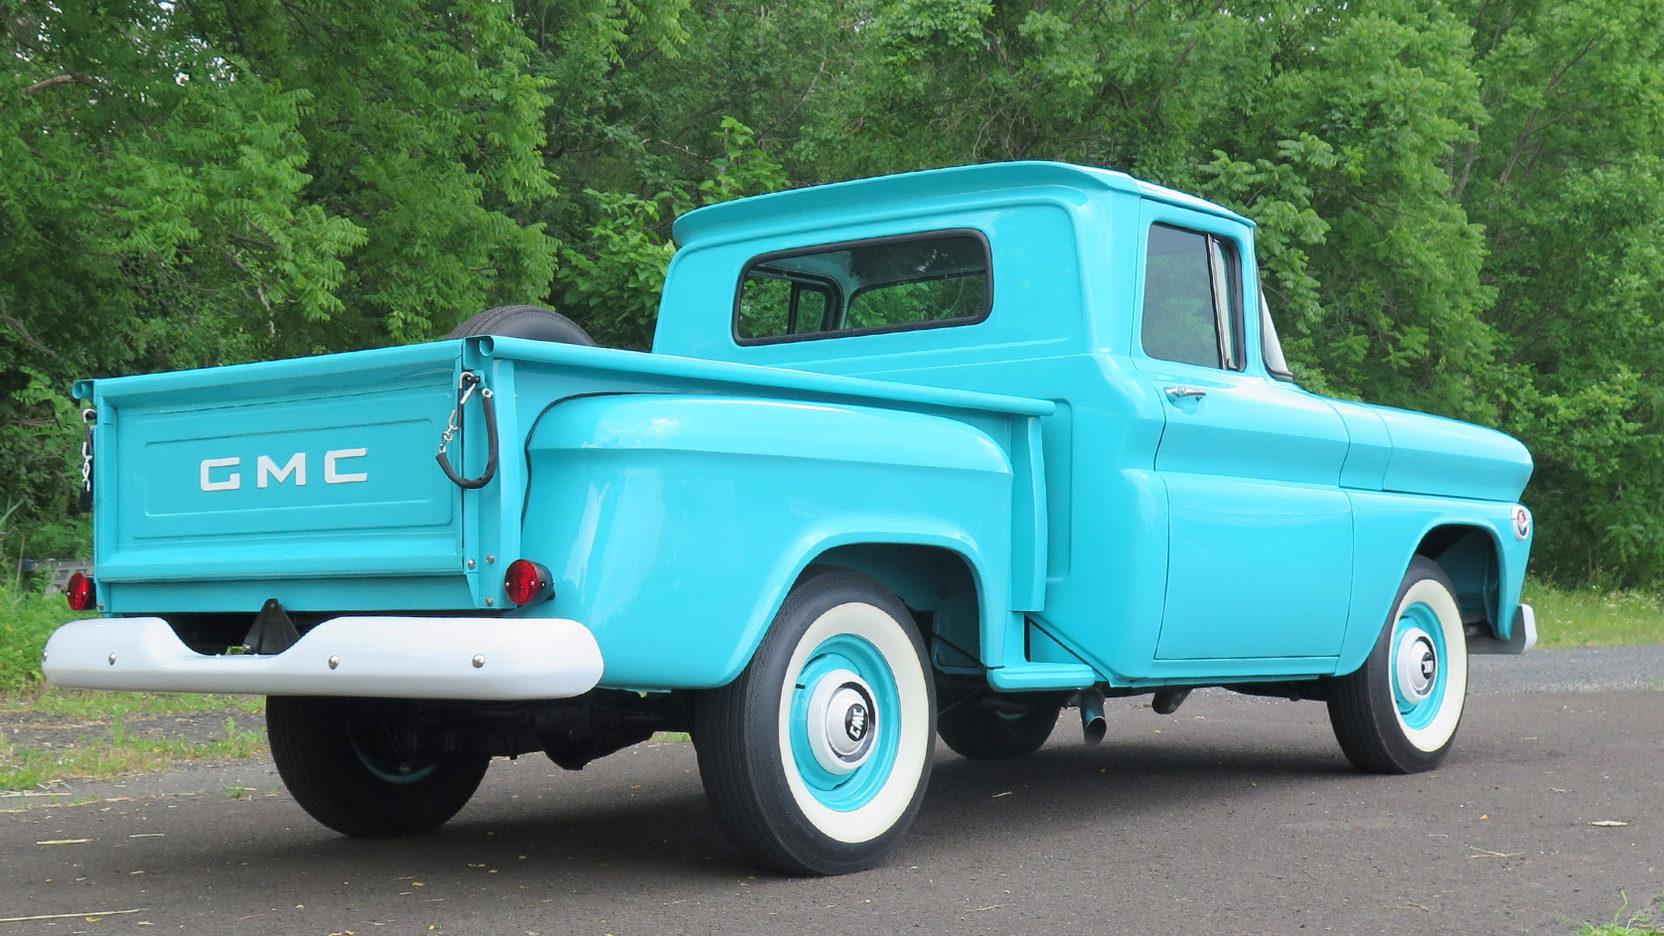 1960 GMC C/K pickup